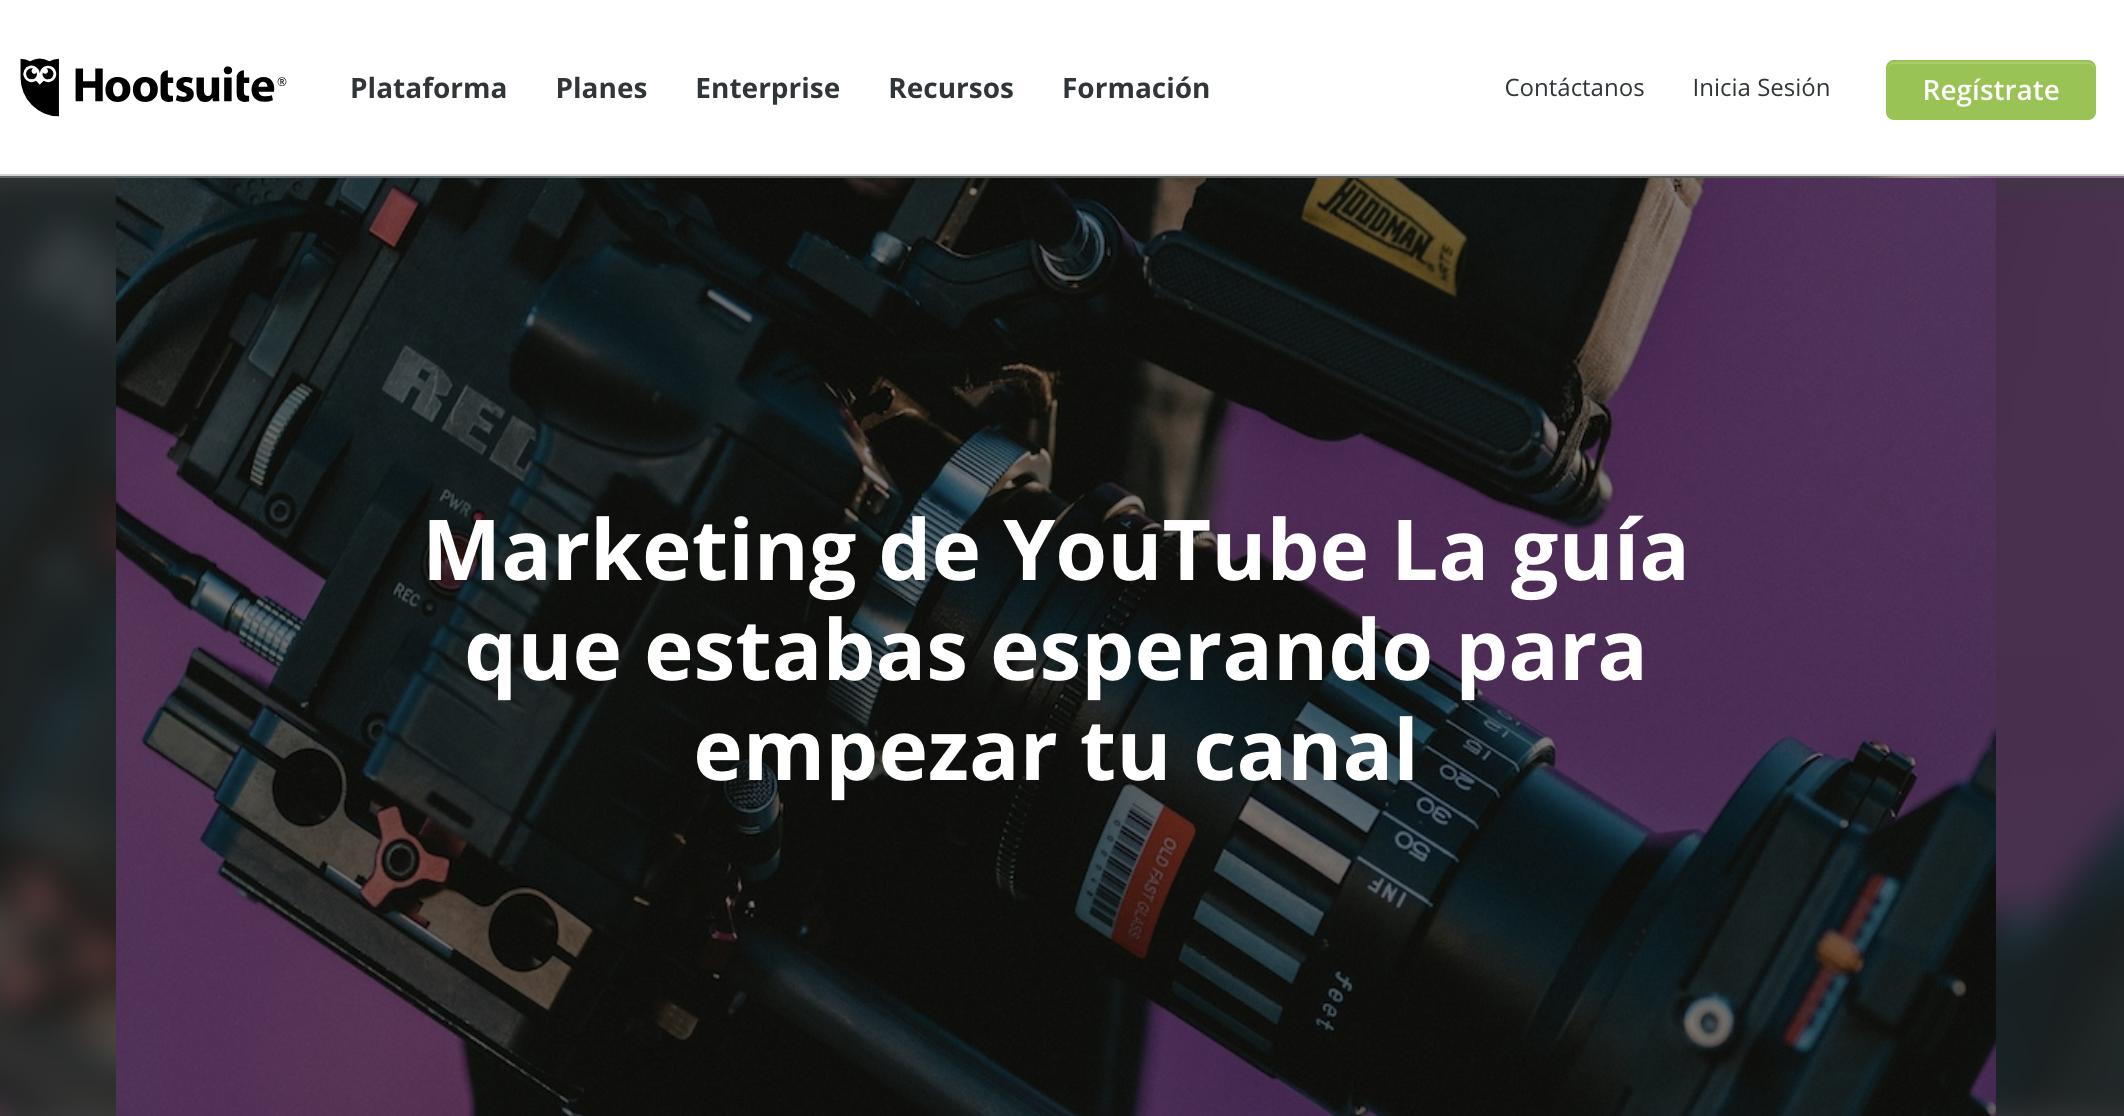 Ejemplo de contenido educativo - Via Hootsuite en Espanñol